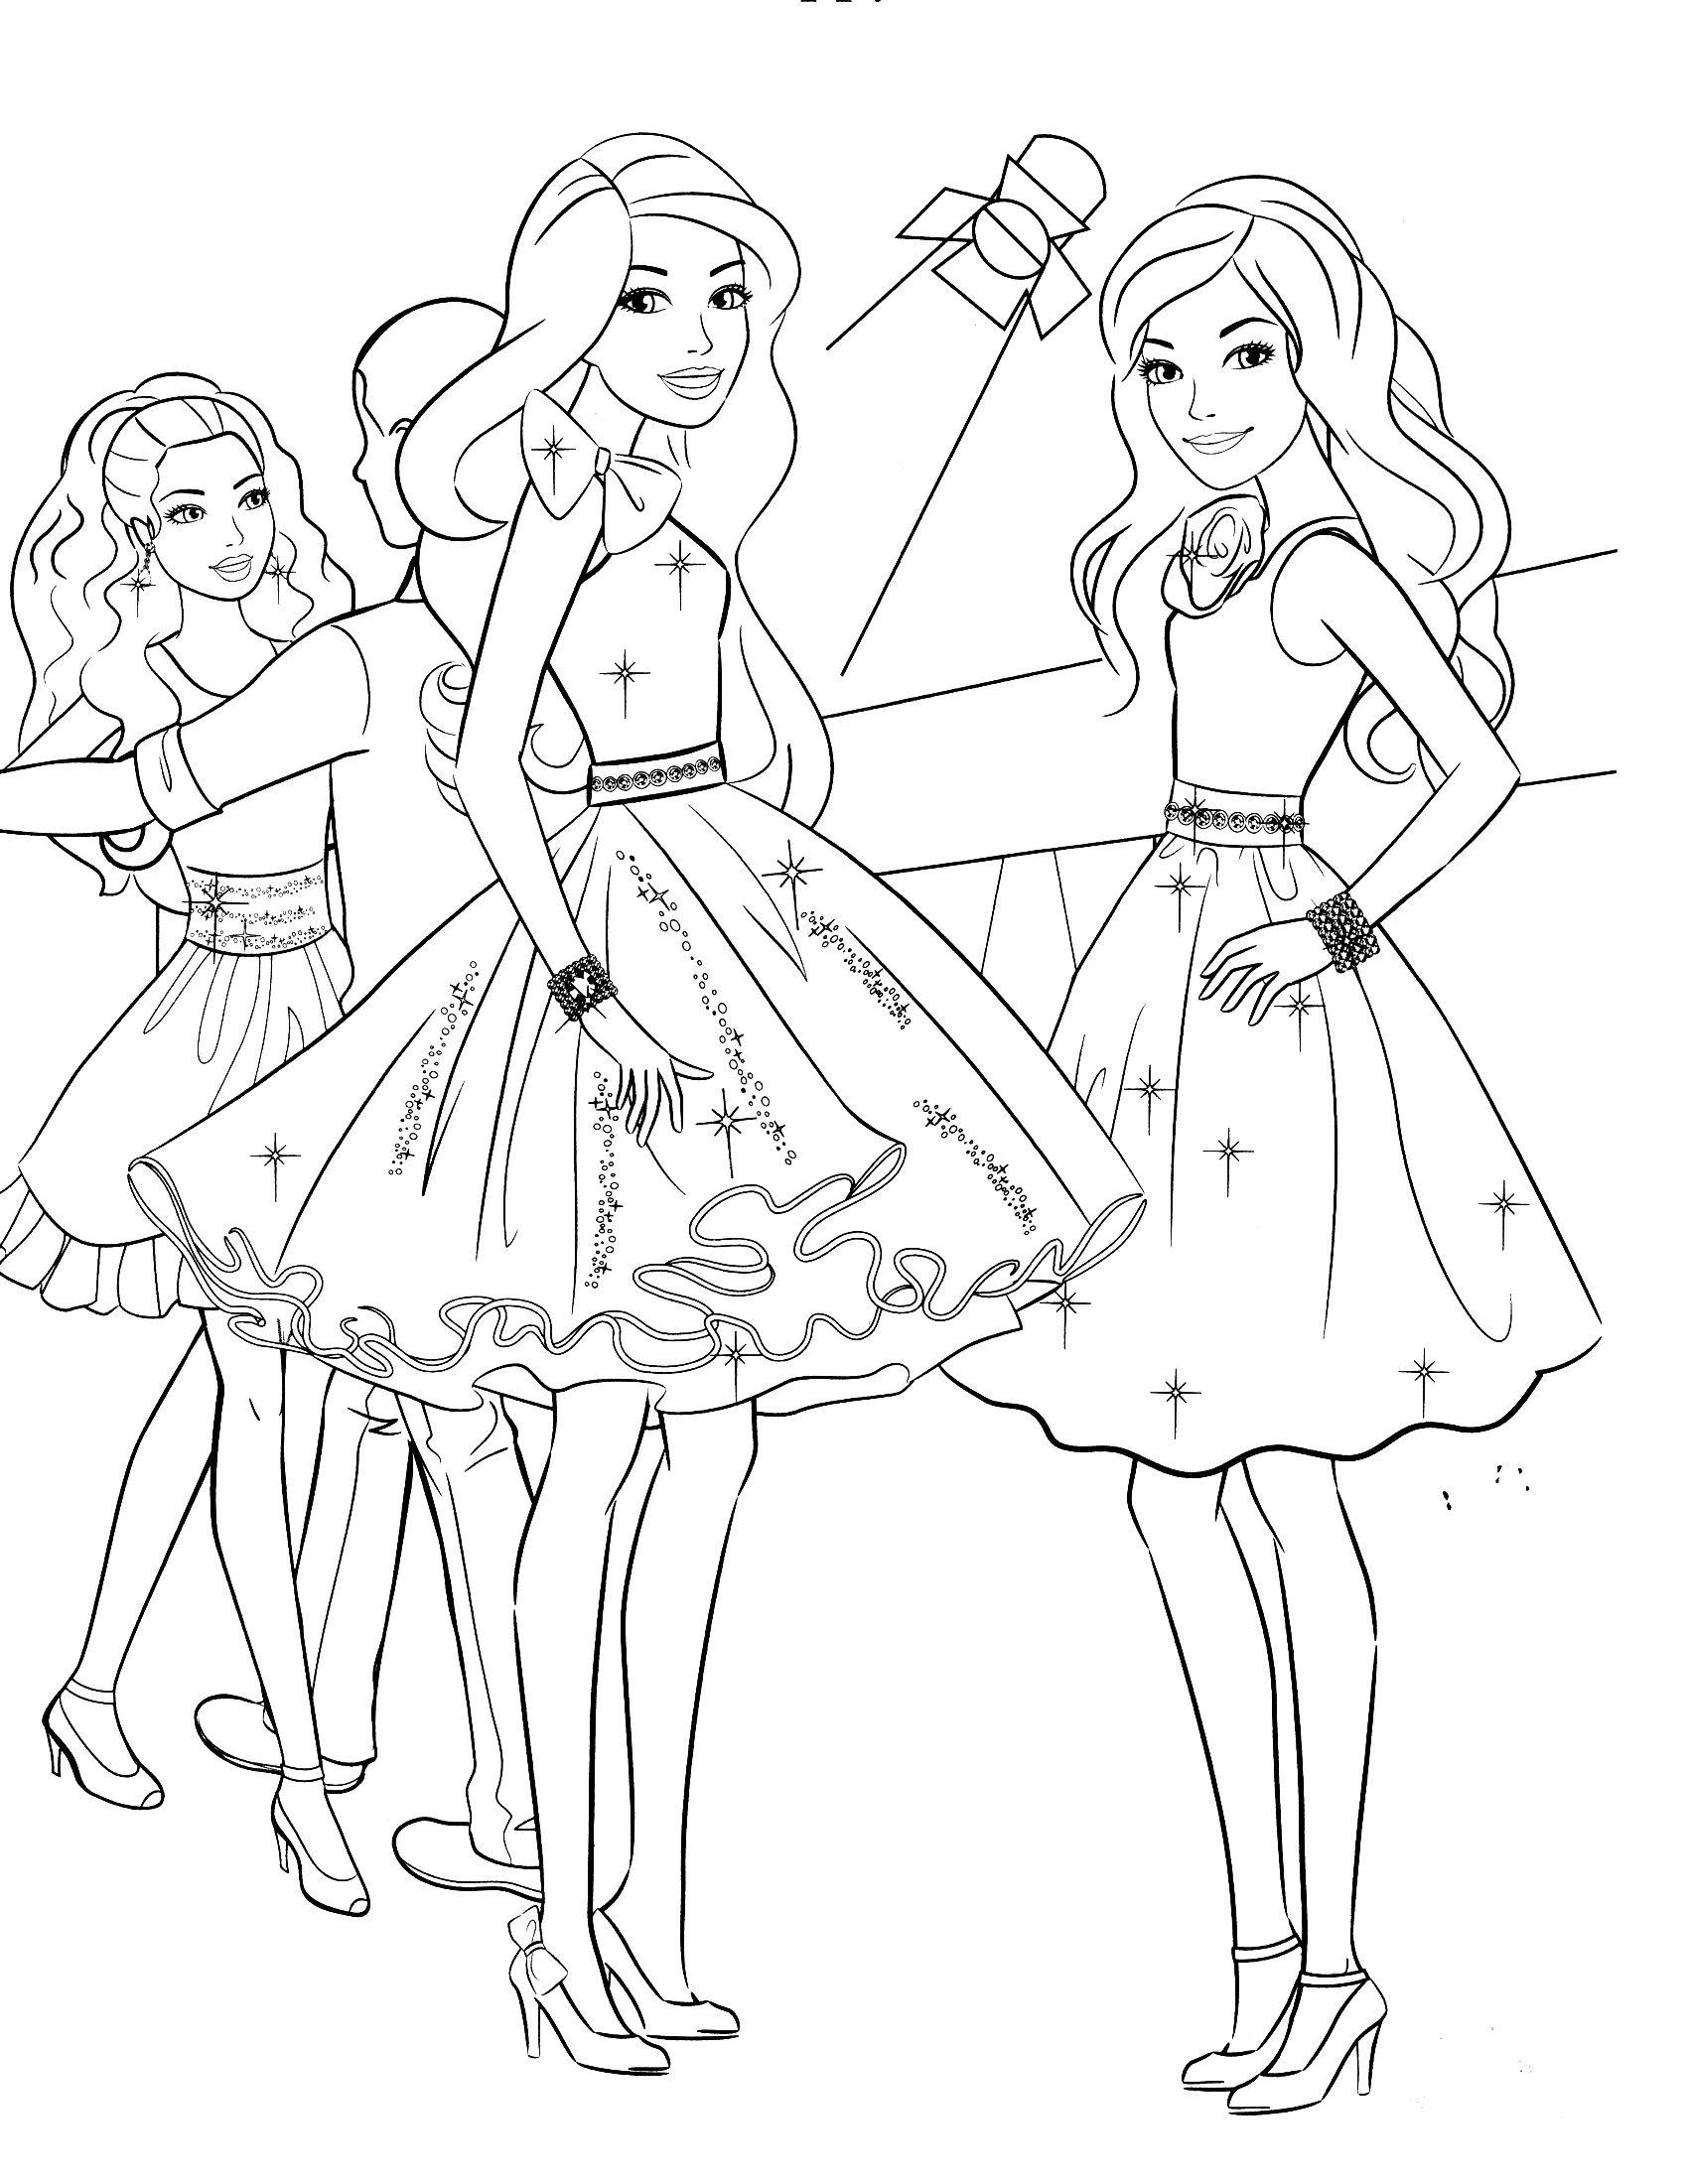 Tranh Tô Màu Công Chúa Barbie 61